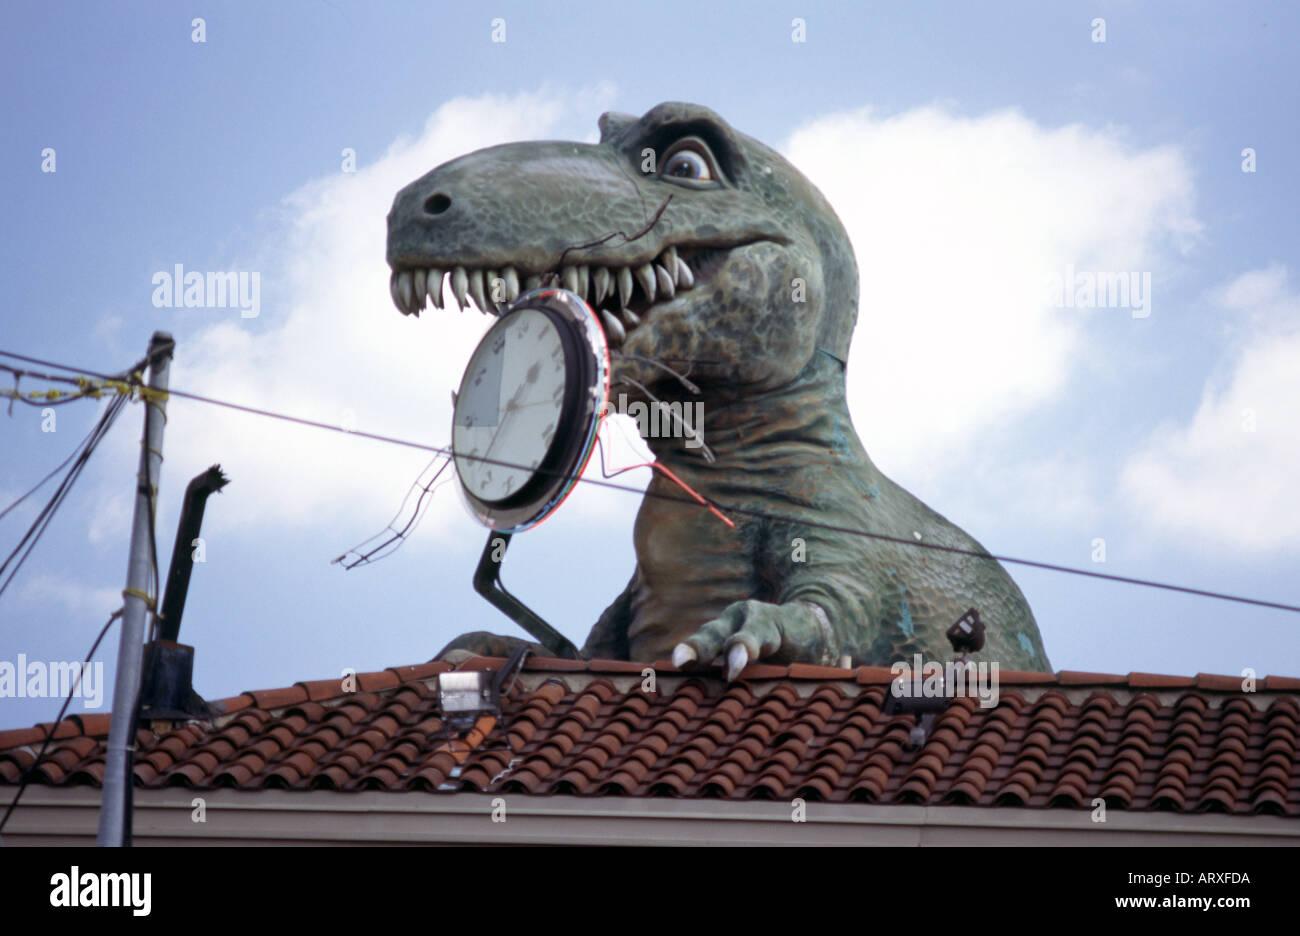 Ripley s believe it or not t-rex Photo Stock